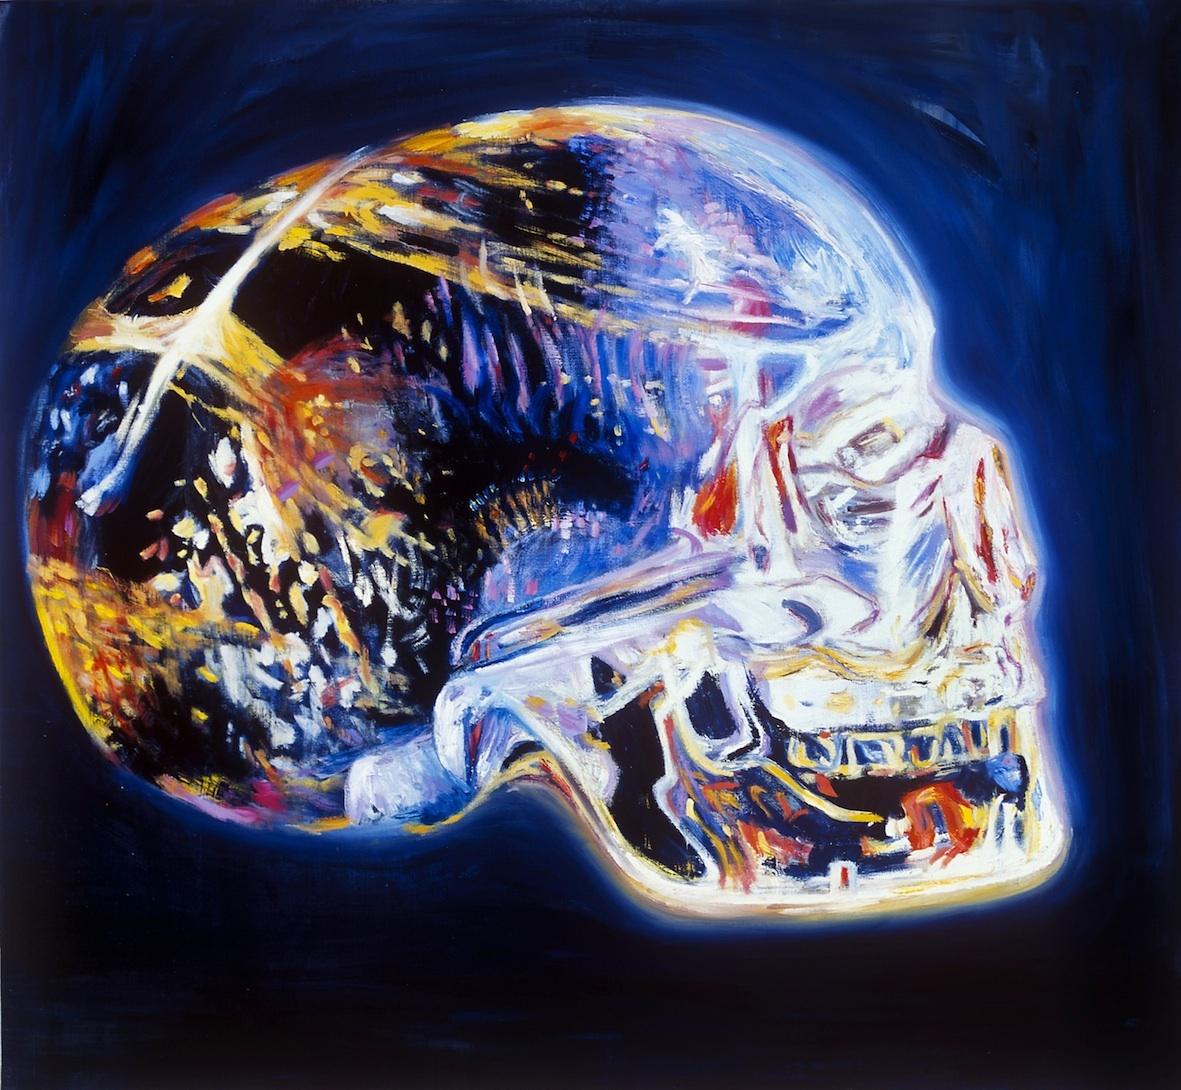 Crystal Skull Profile